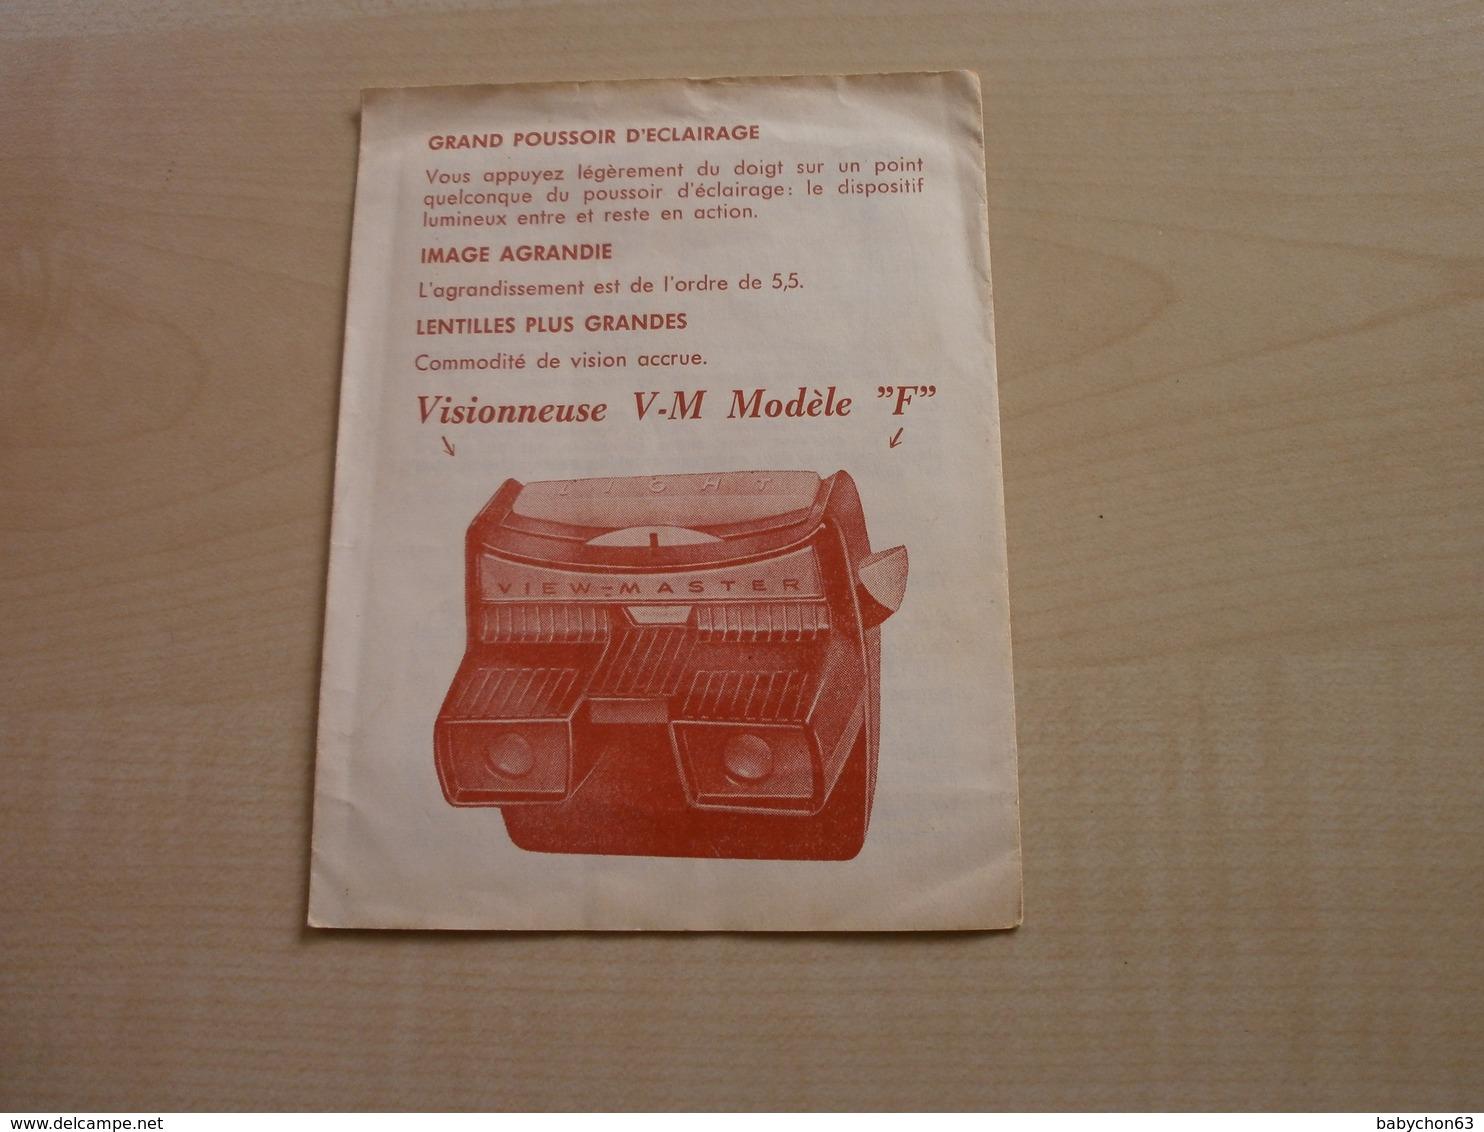 Ancien Dépliant Mode D'emploi VIEW-MASTER A ECLAIRAGE INCORPORE - Publicités